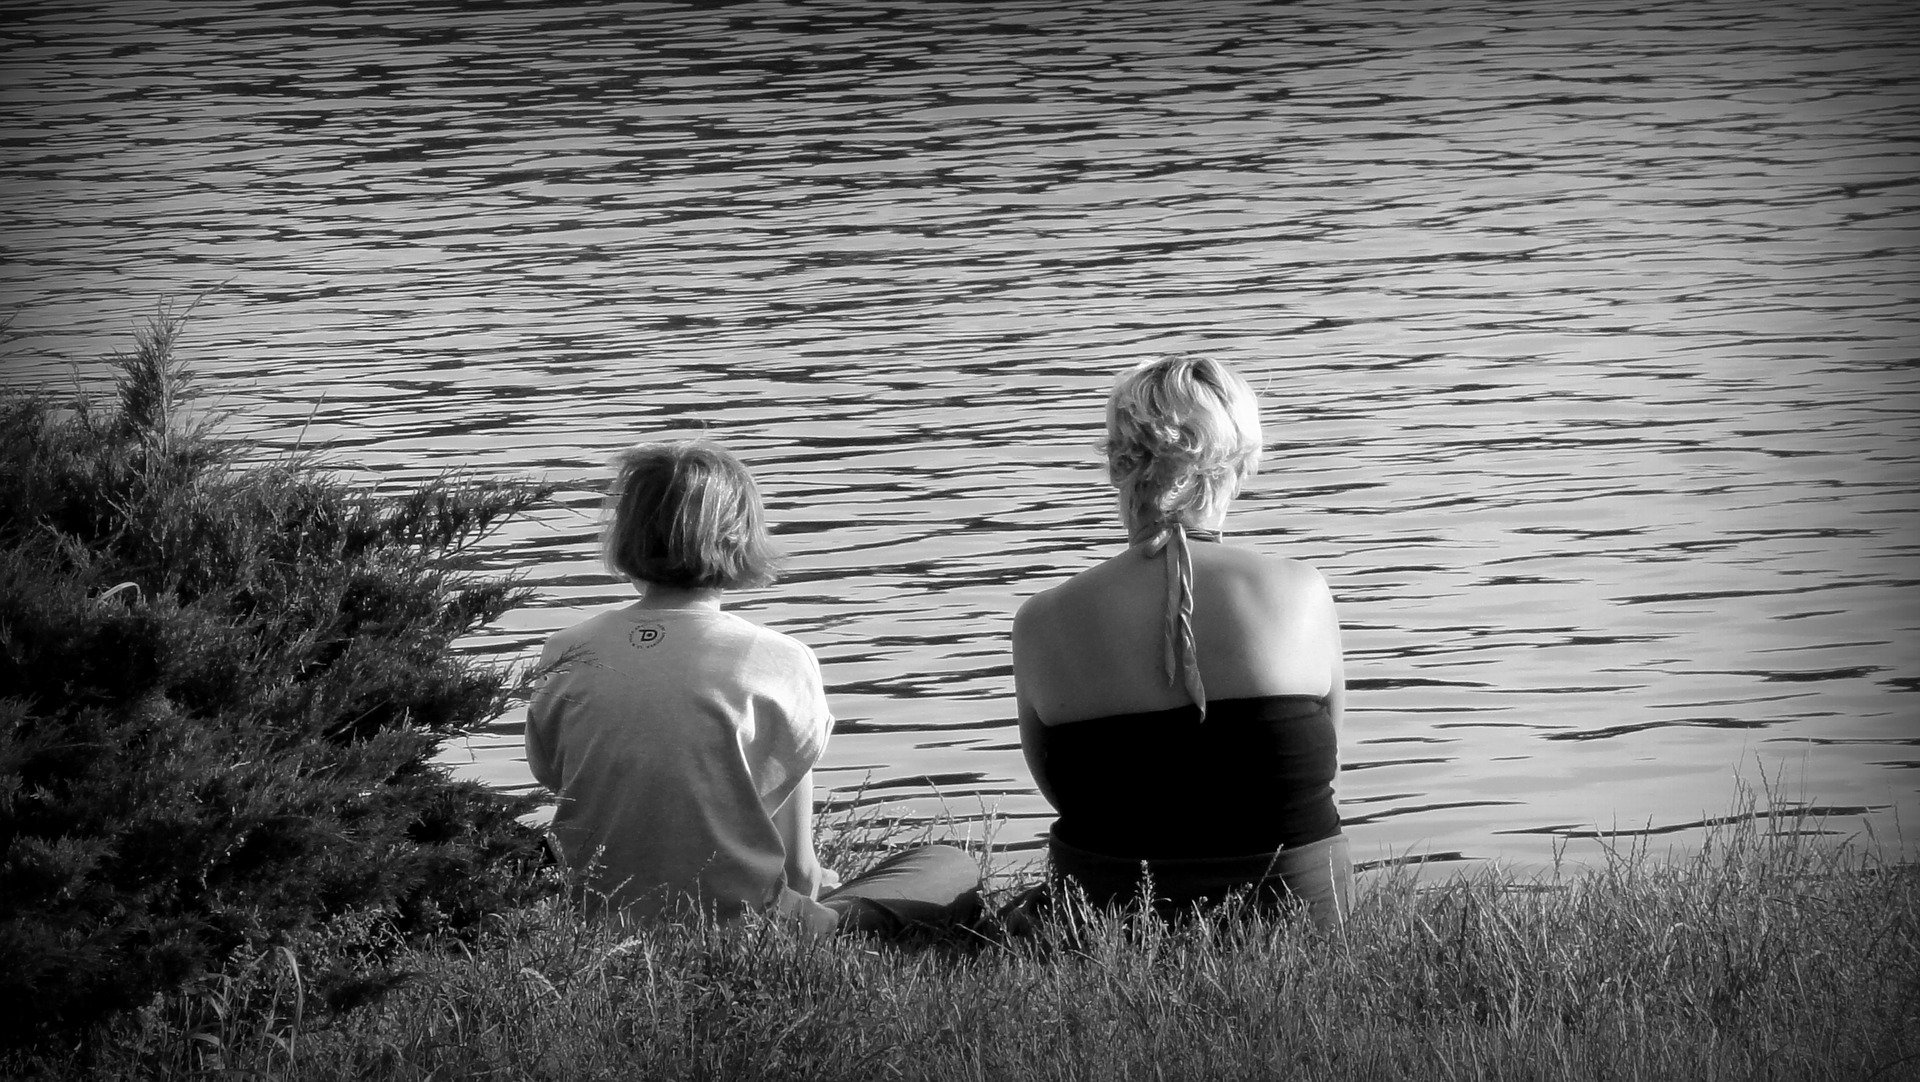 madre e figlio di spalle, seduti in riva ad un lago, foto in bianco e nero